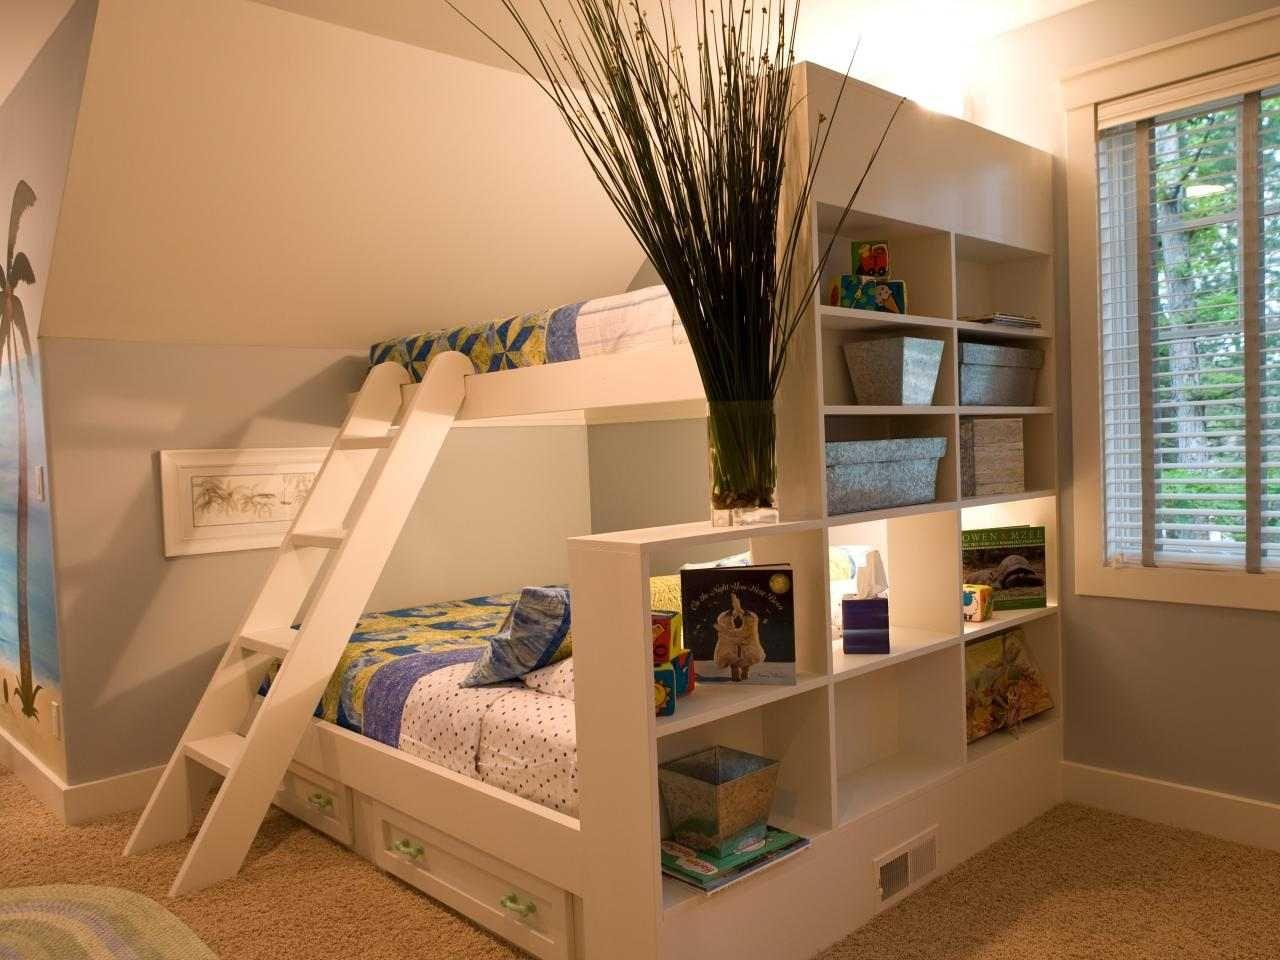 lit de prince pour jumeaux - Recherche Google  Idee deco chambre